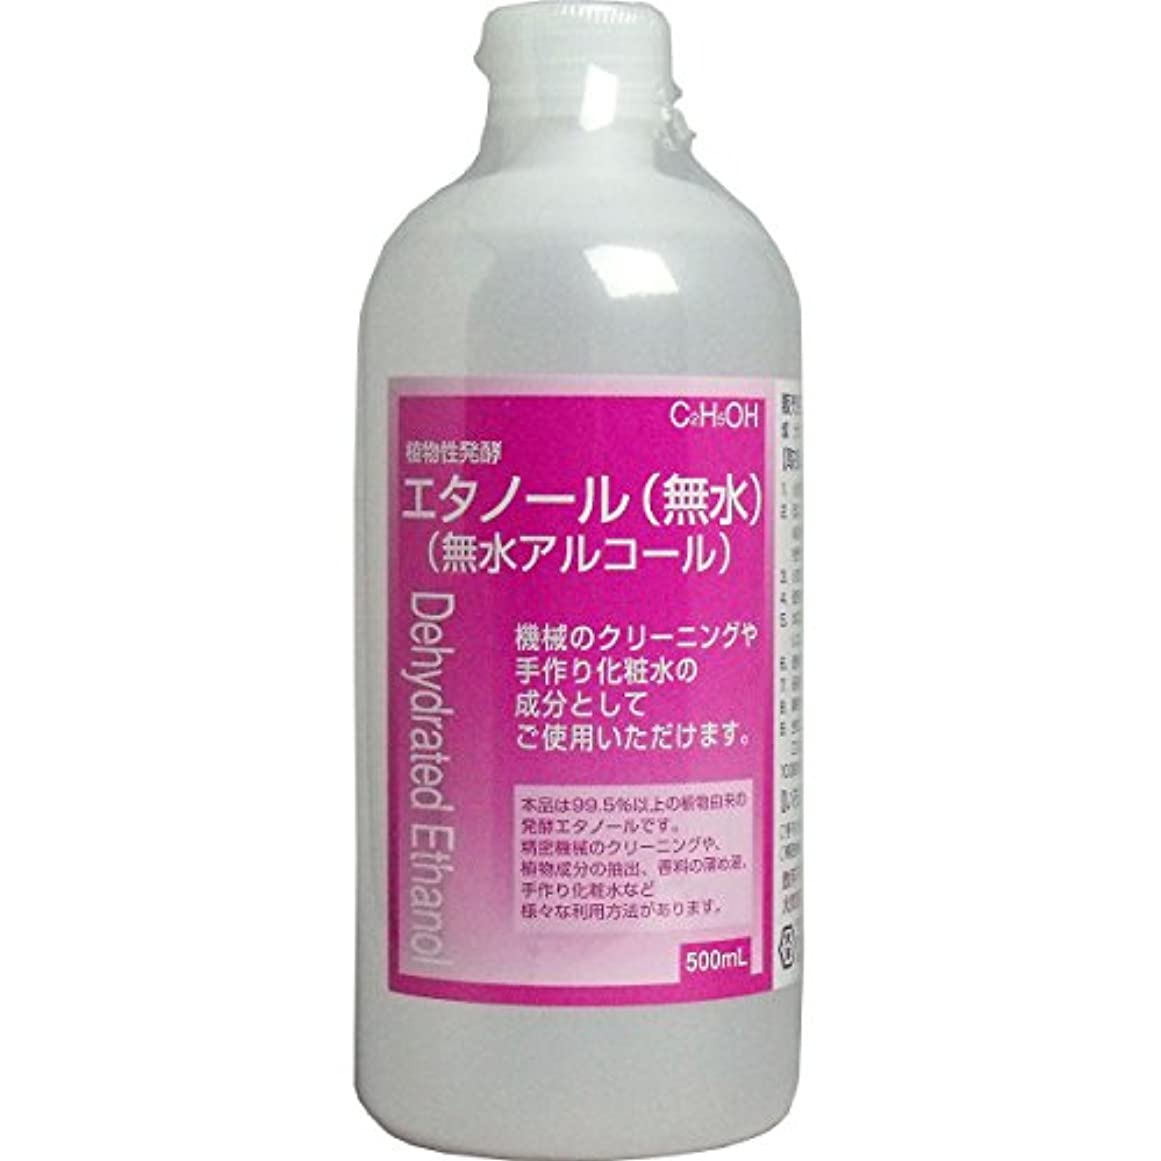 メンタルウィスキー本能手作り化粧水に 植物性発酵エタノール(無水エタノール) 500mL